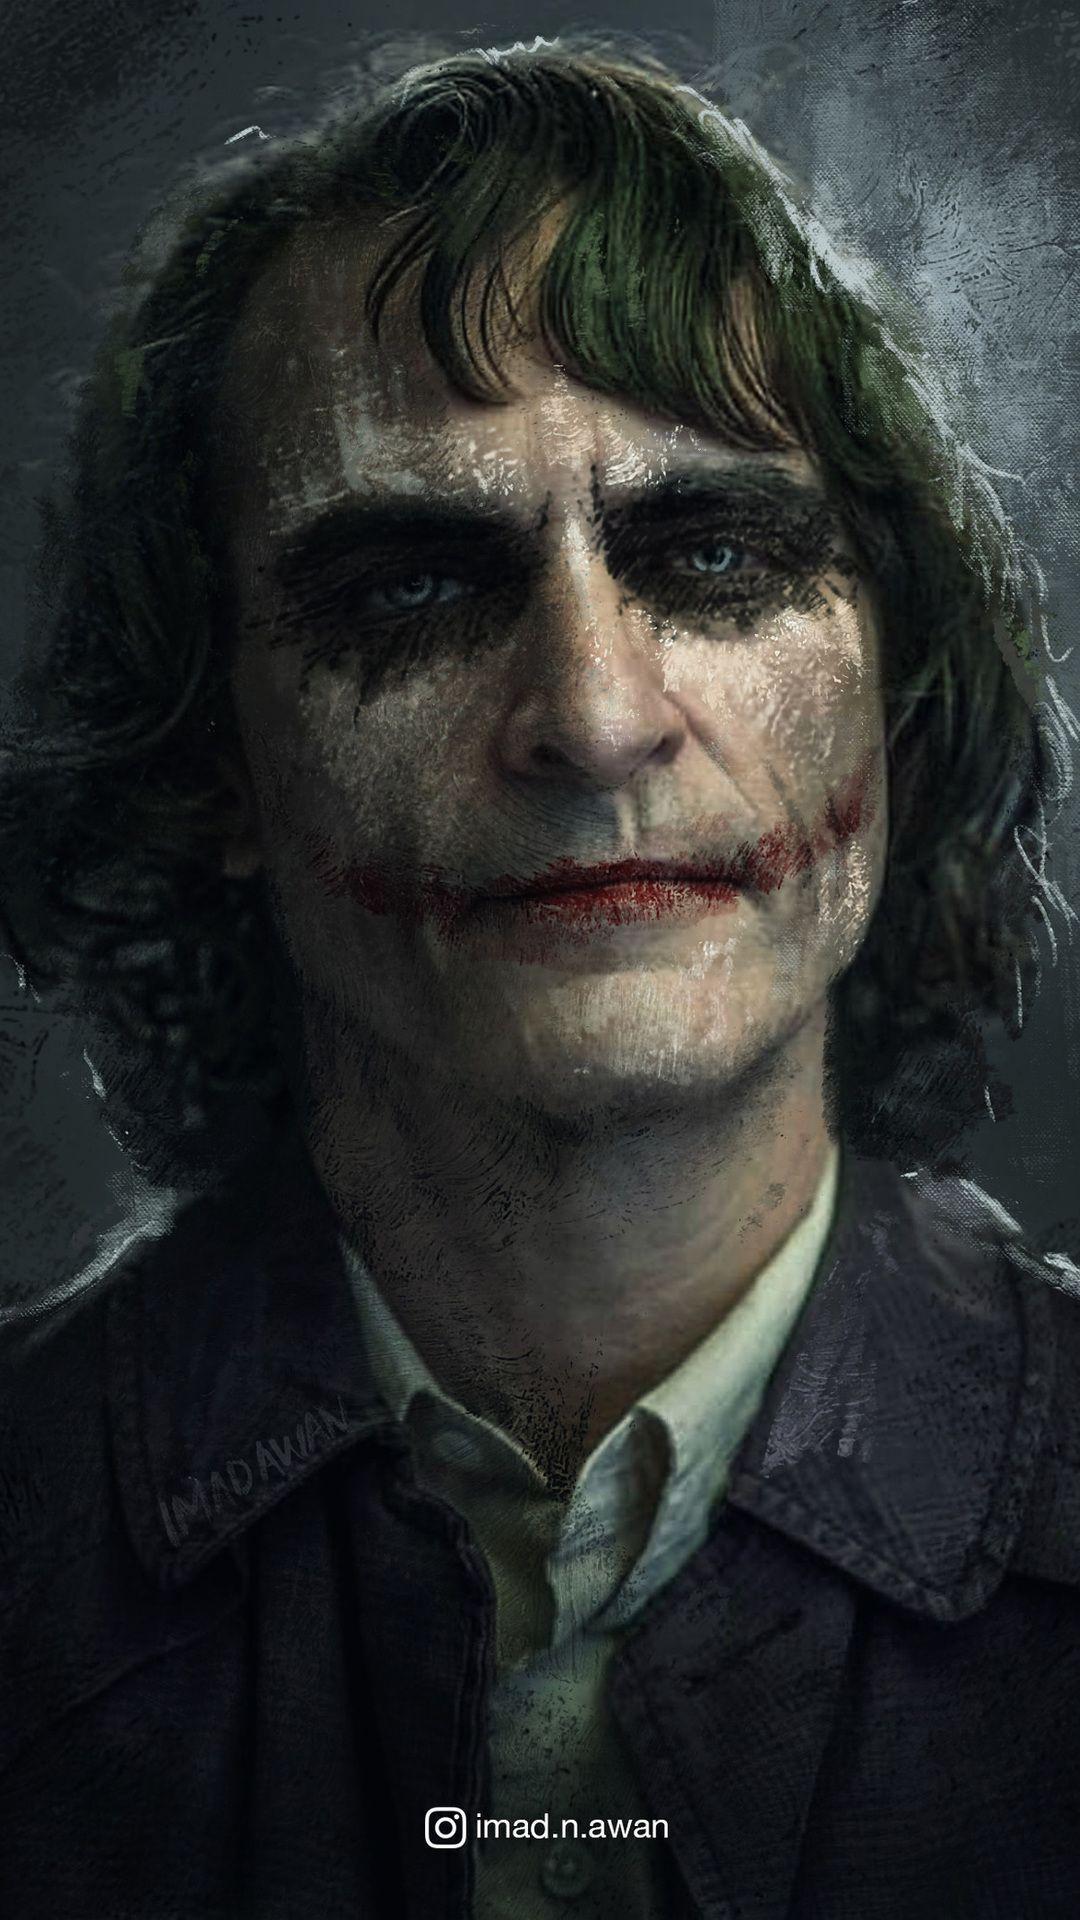 Joaquin Phoenix Joker Wallpapers Top Free Joaquin Phoenix